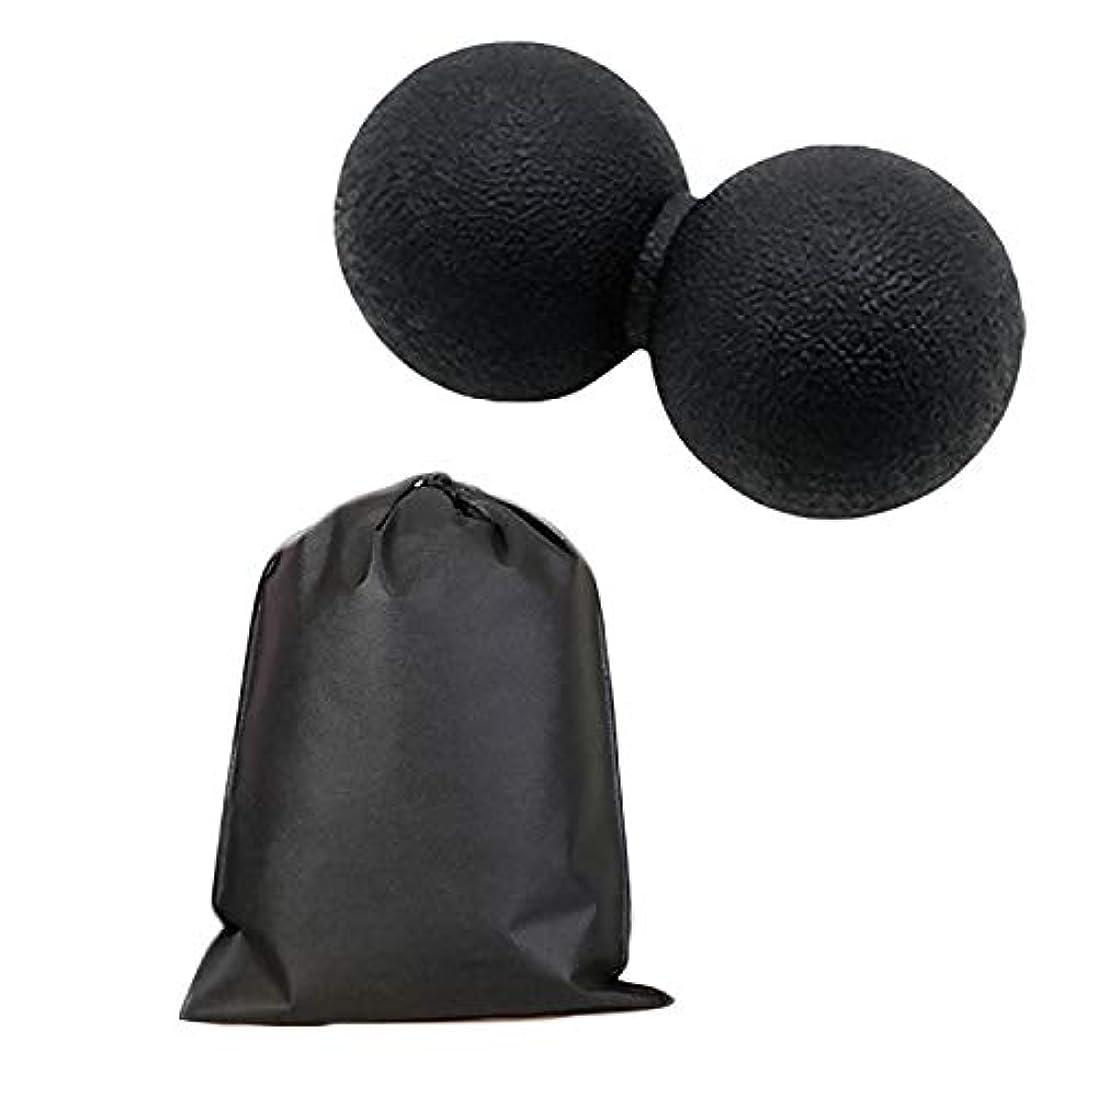 についてダンプ好意的Migavan マッサージボールローラーバックマッサージボール収納袋が付いているピーナツマッサージのローラーボールのマッサージャー